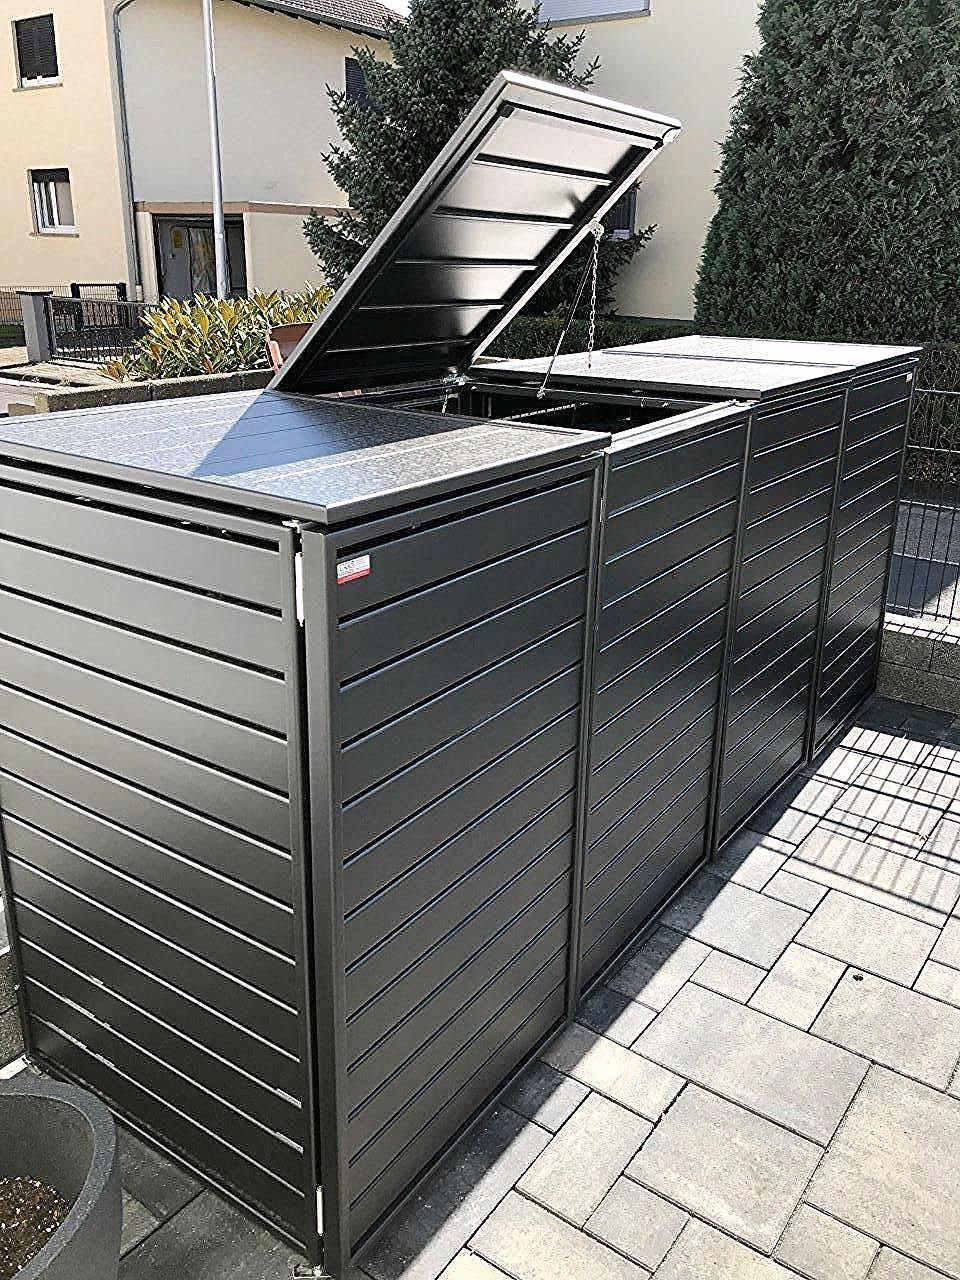 Mulltonnenbox Aluminium Dezent Fur 4x 240 Liter Mit Klappdach Und Automatikoffner In Dunkelgrau Oder Hellgrau Als B In 2020 Garden Shed Diy Shed Homes Backyard Sheds